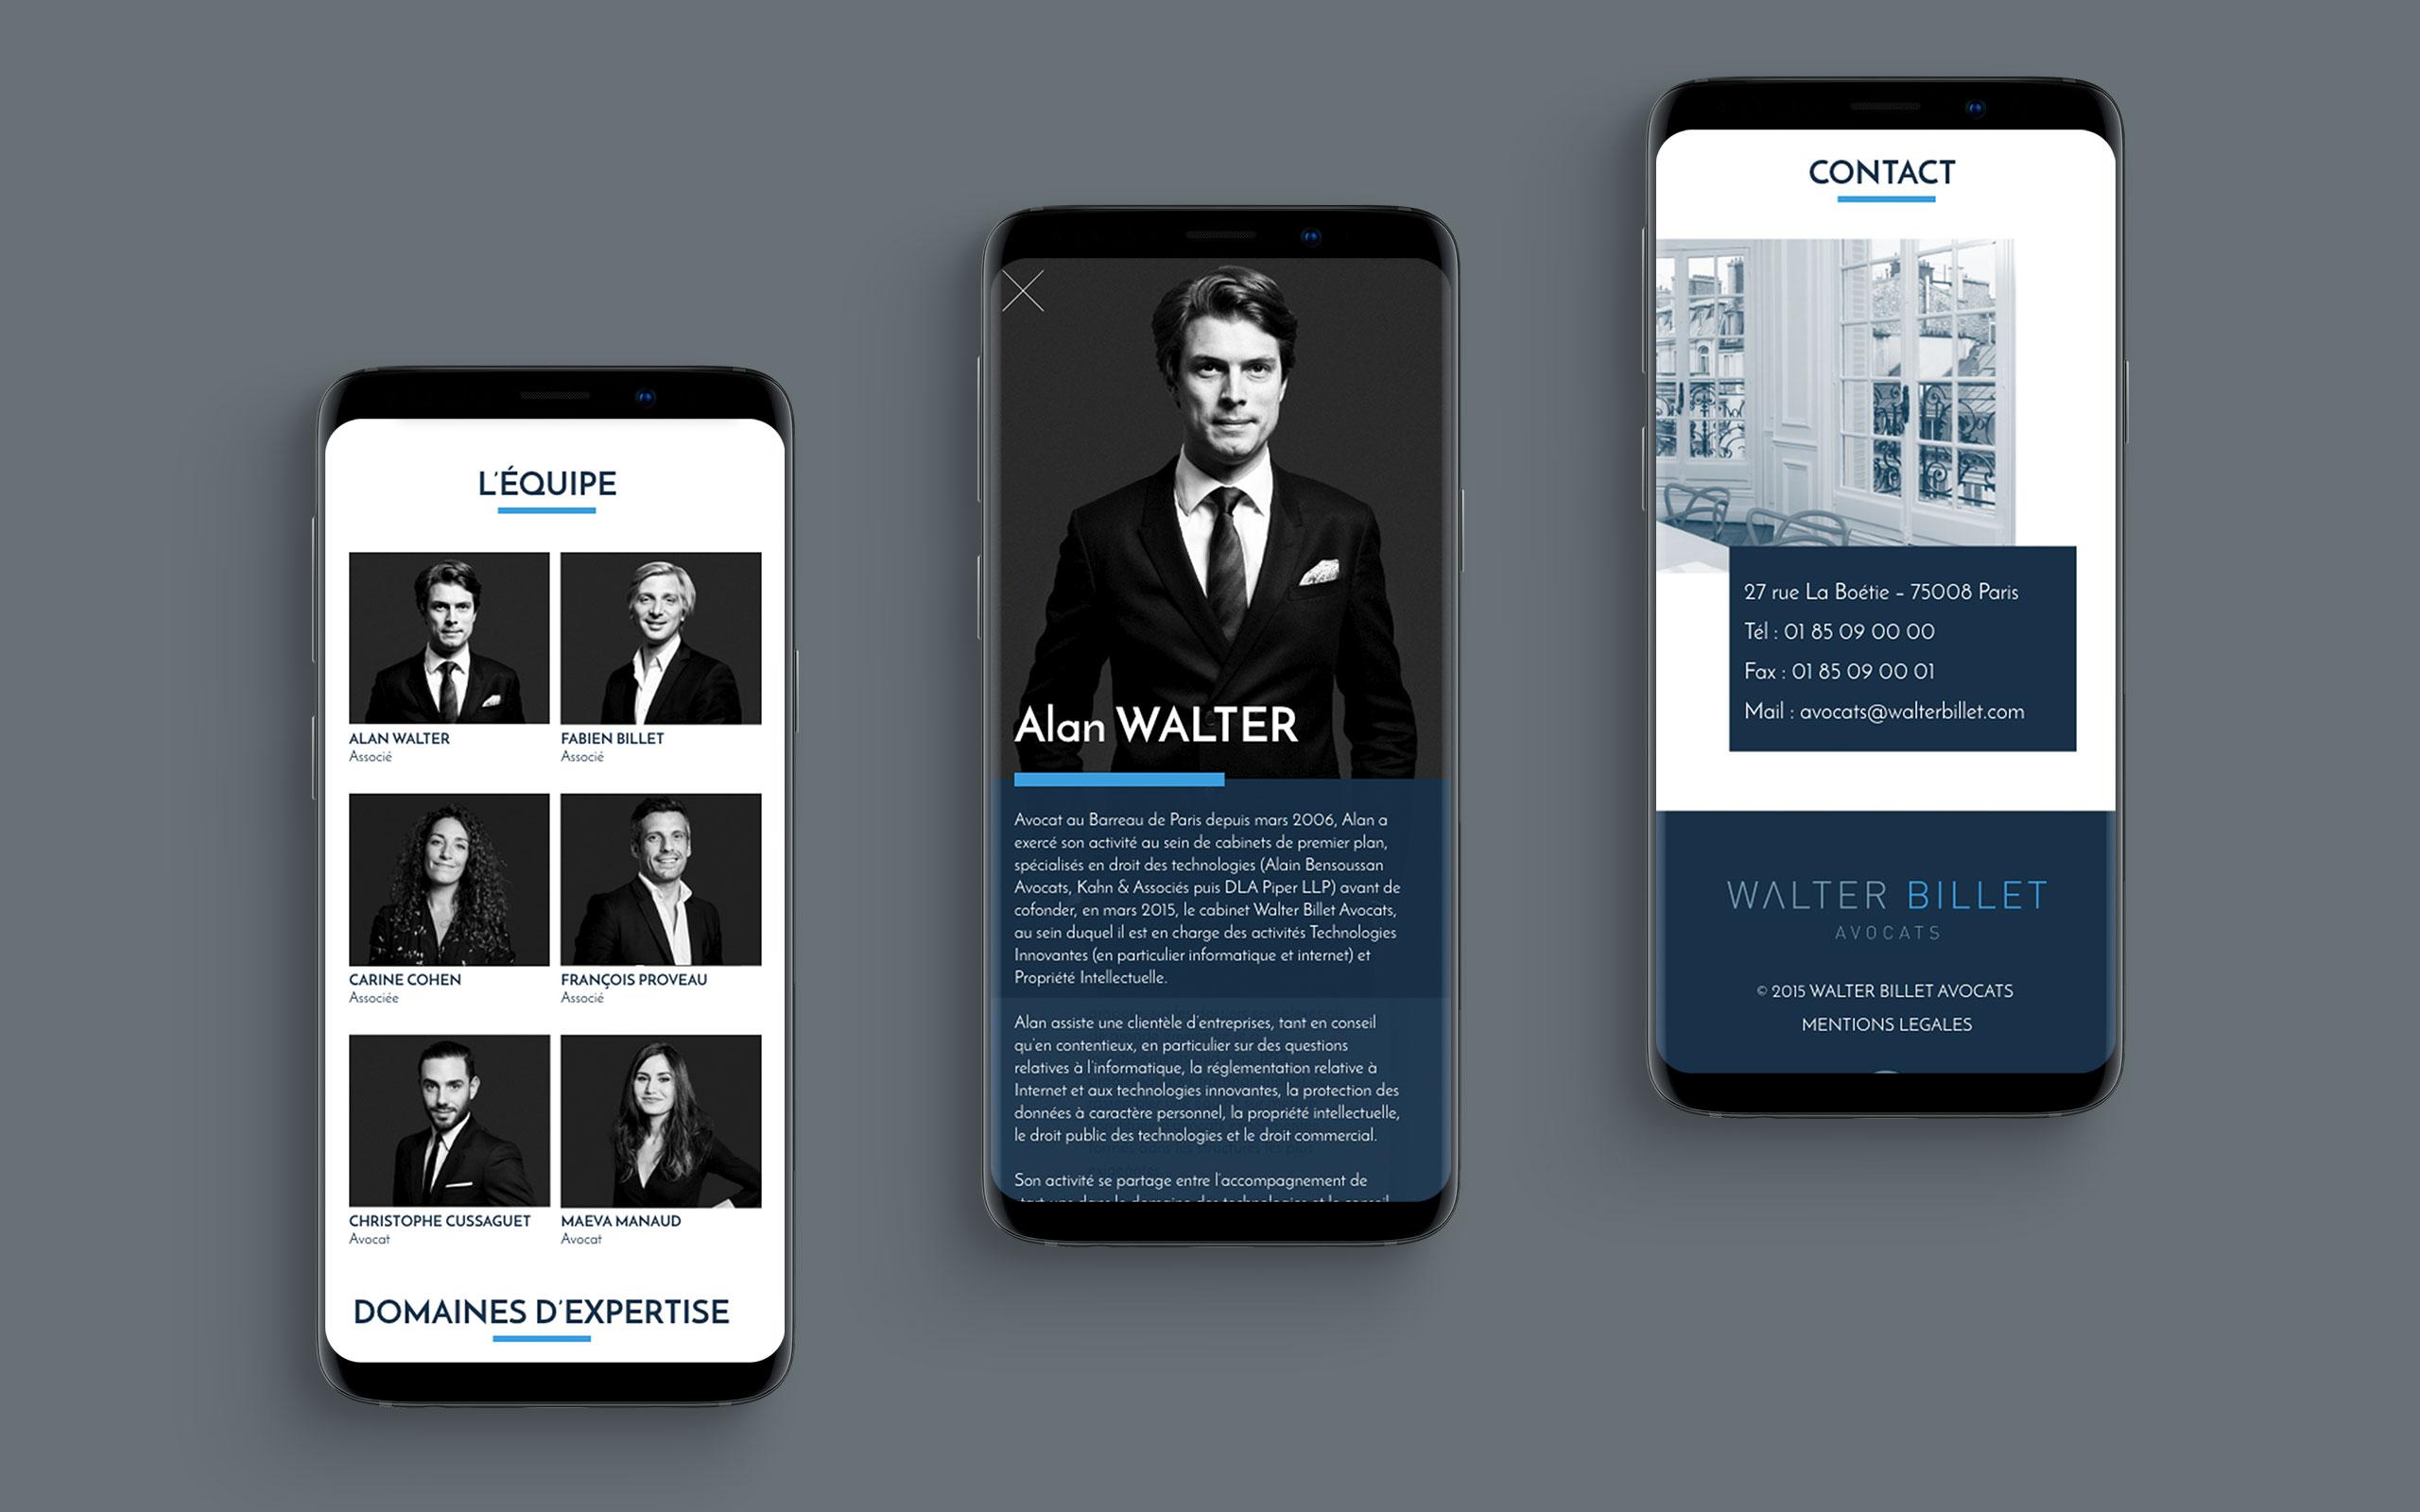 Walter Billet Avocats identité site mobile